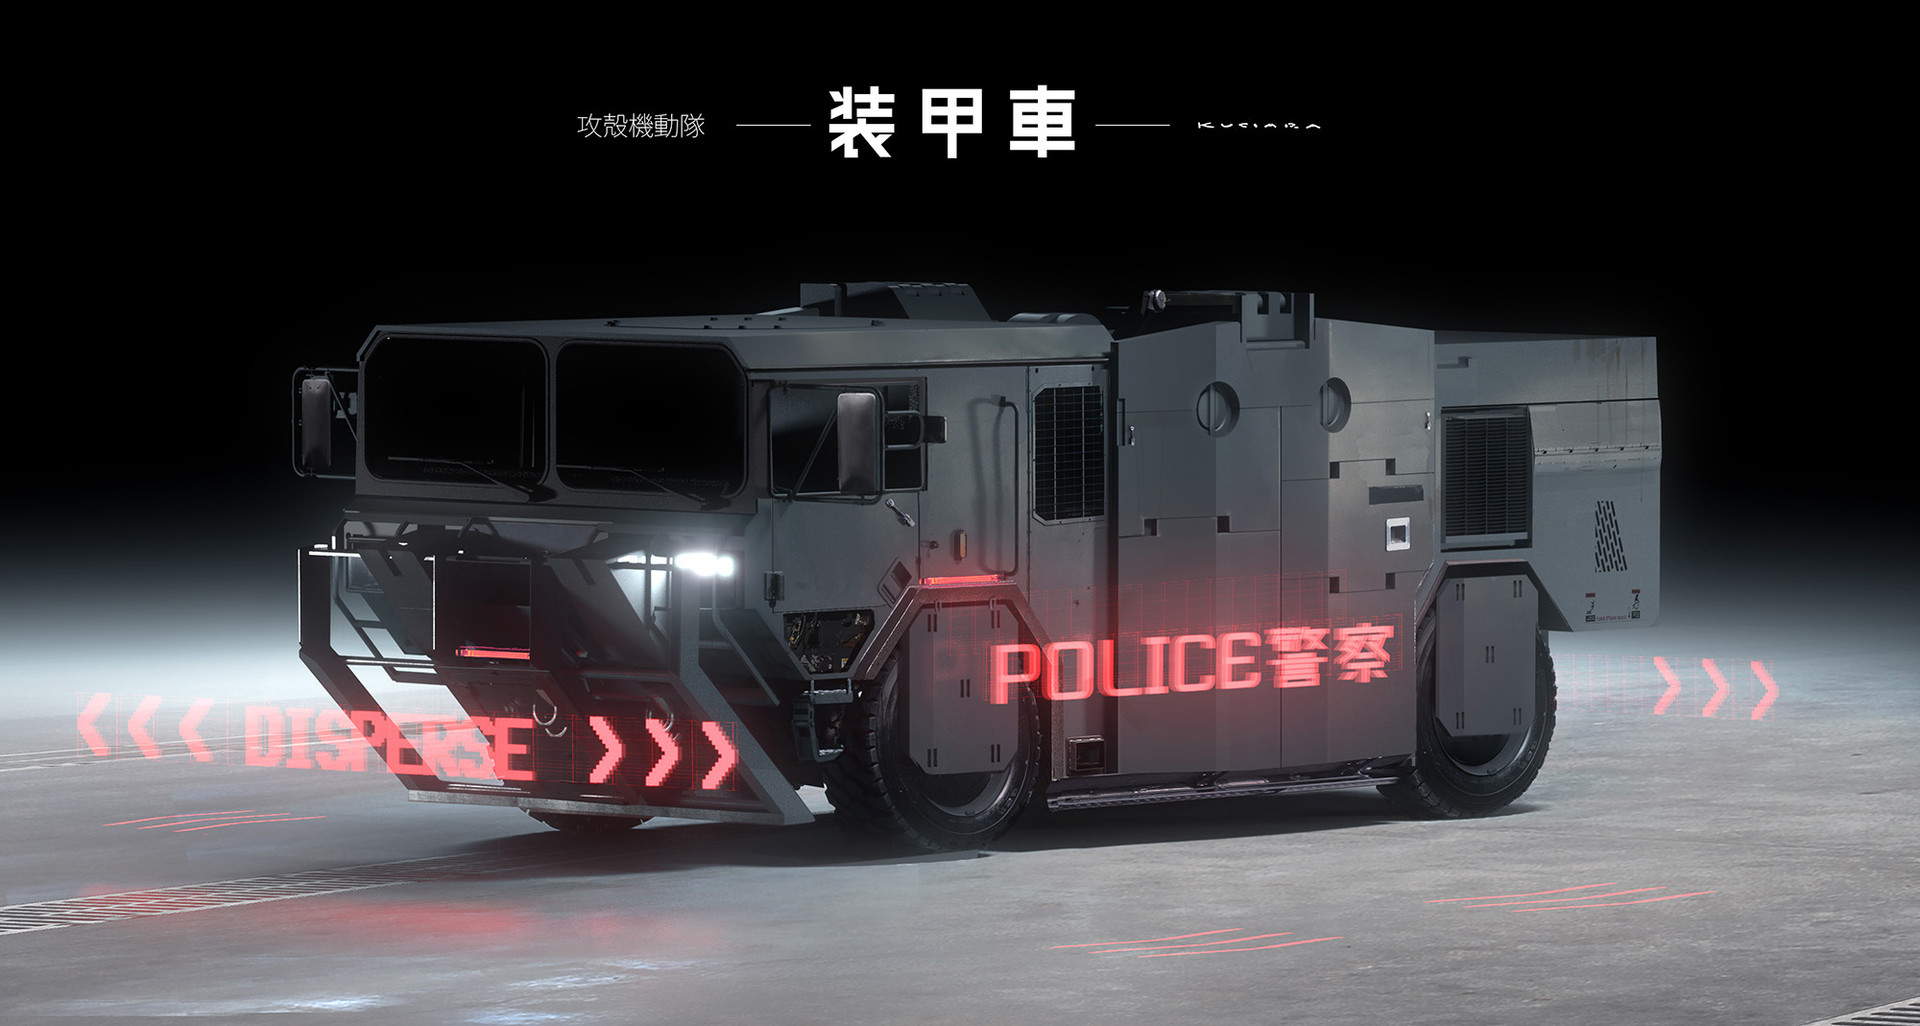 电影《攻壳机动队》装甲车概念设计-Renderbus云渲染农场